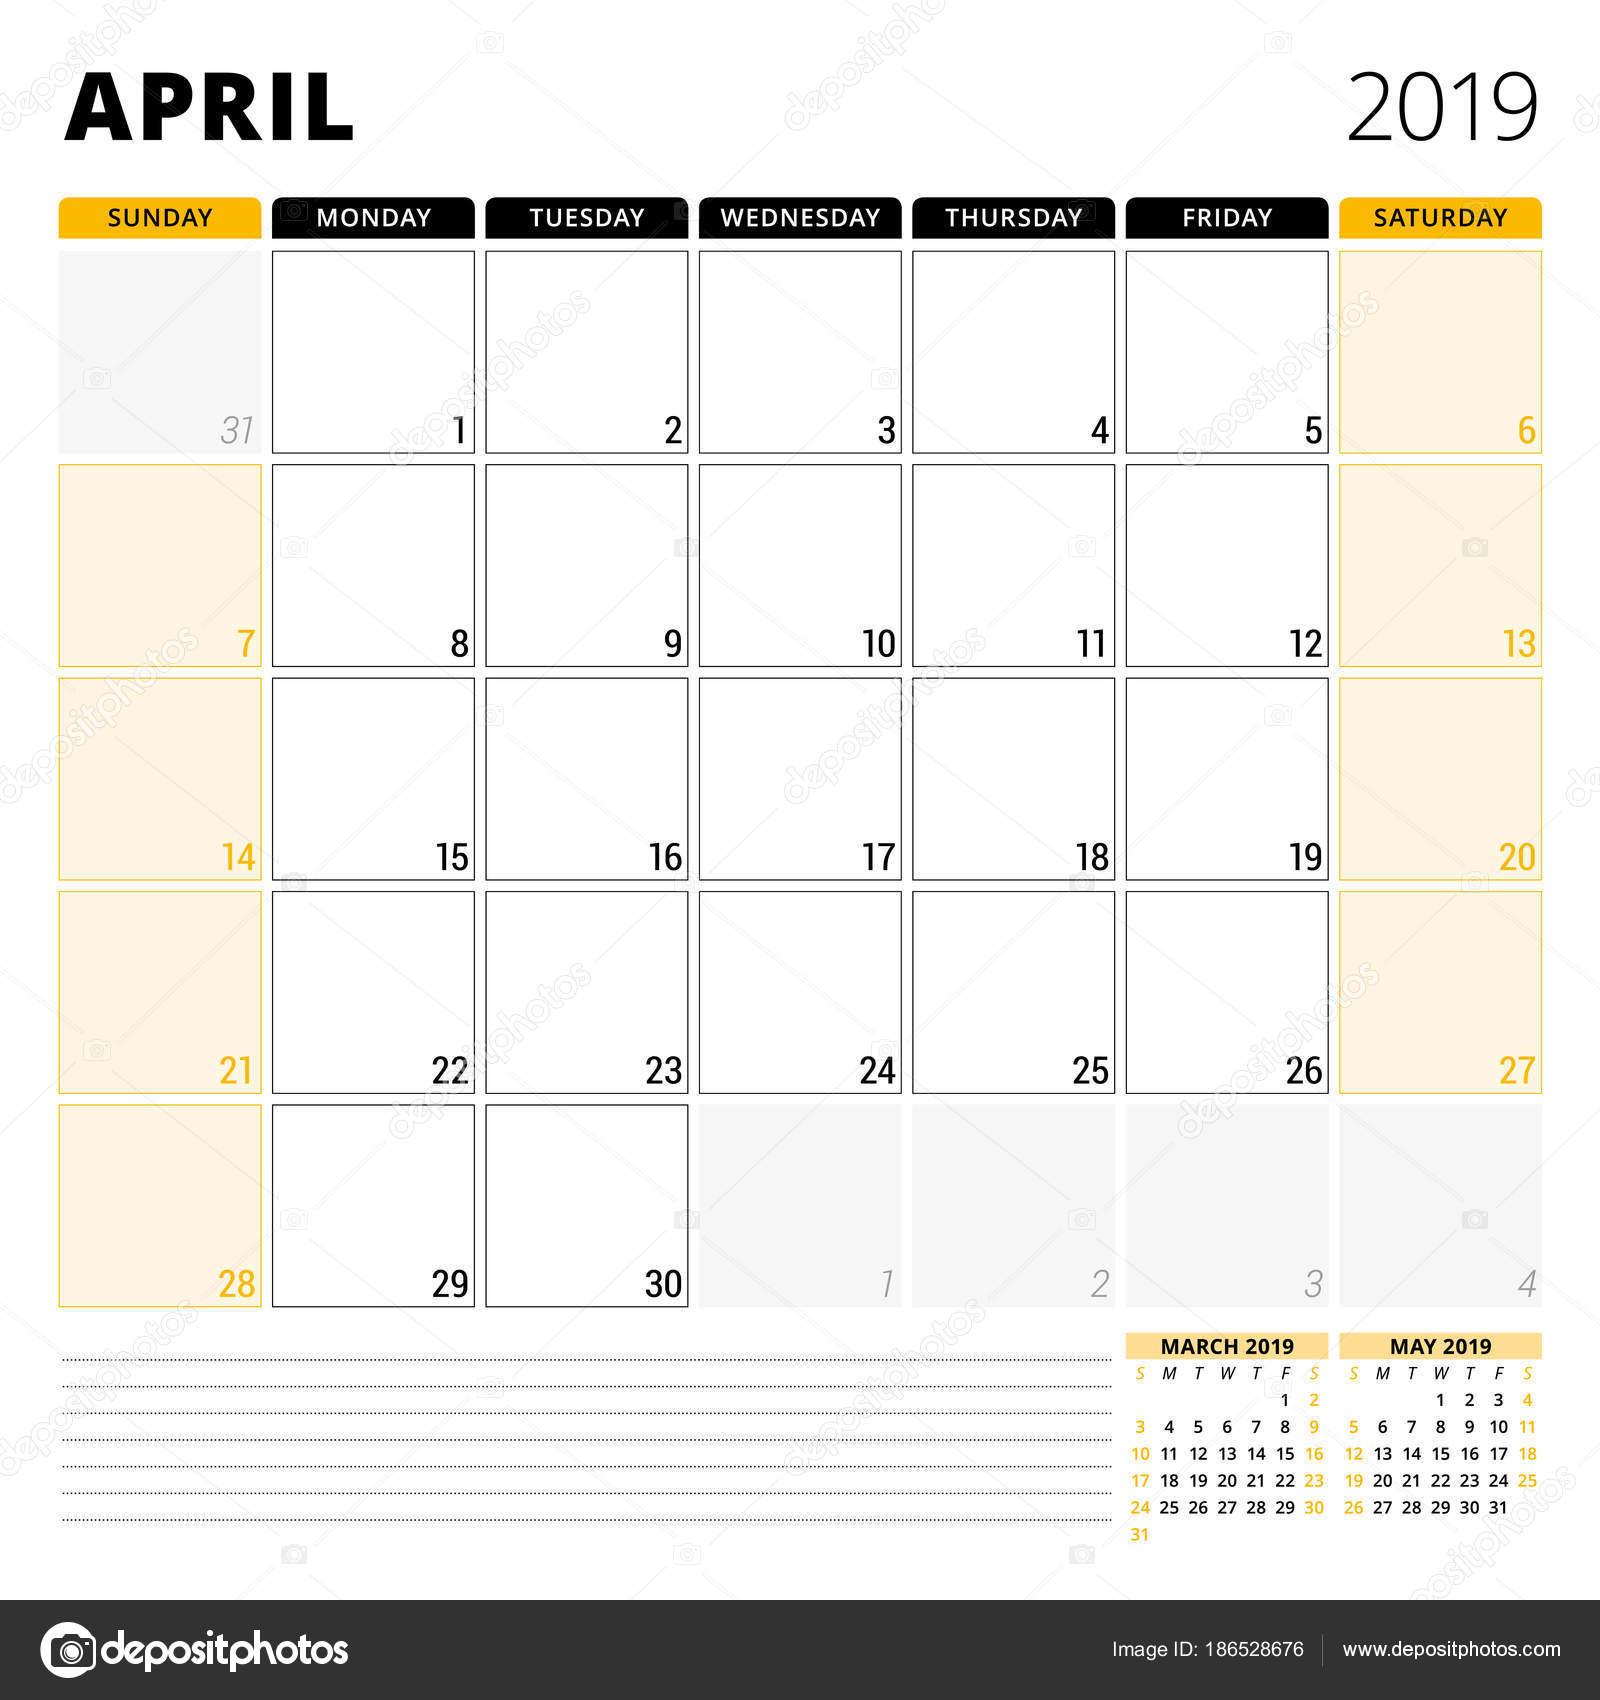 2019 áprilisi naptár Naptár tervező április 2019. Levélpapír tervezősablon. Hét  2019 áprilisi naptár